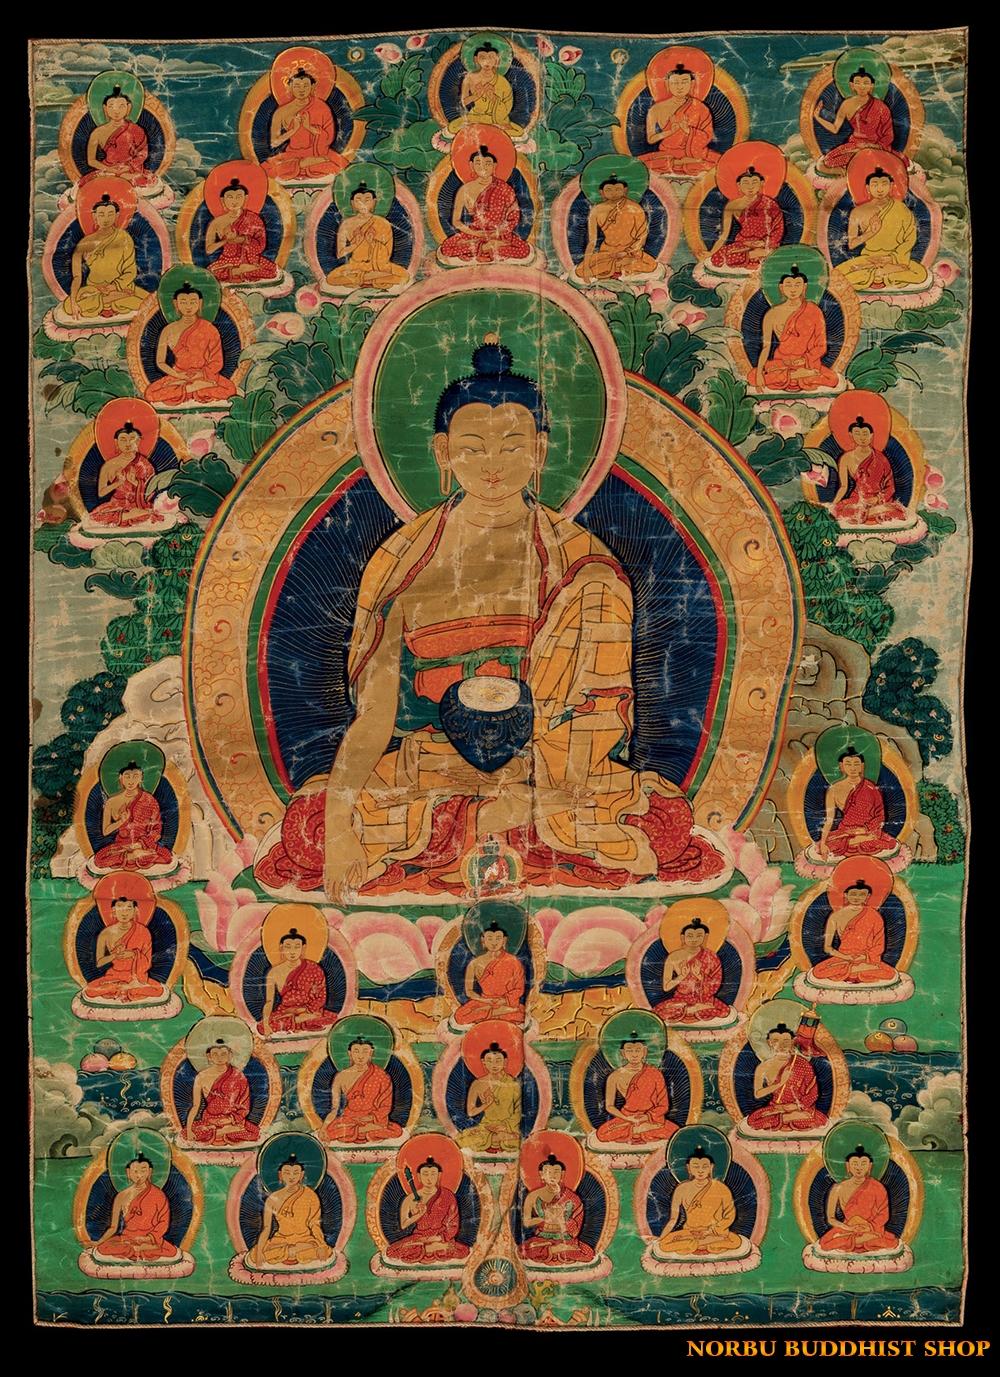 Ý nghĩa tôn giáo trong tranh Thangka Tây Tạng - Tangka Tibet có gì đặc sắc? 6